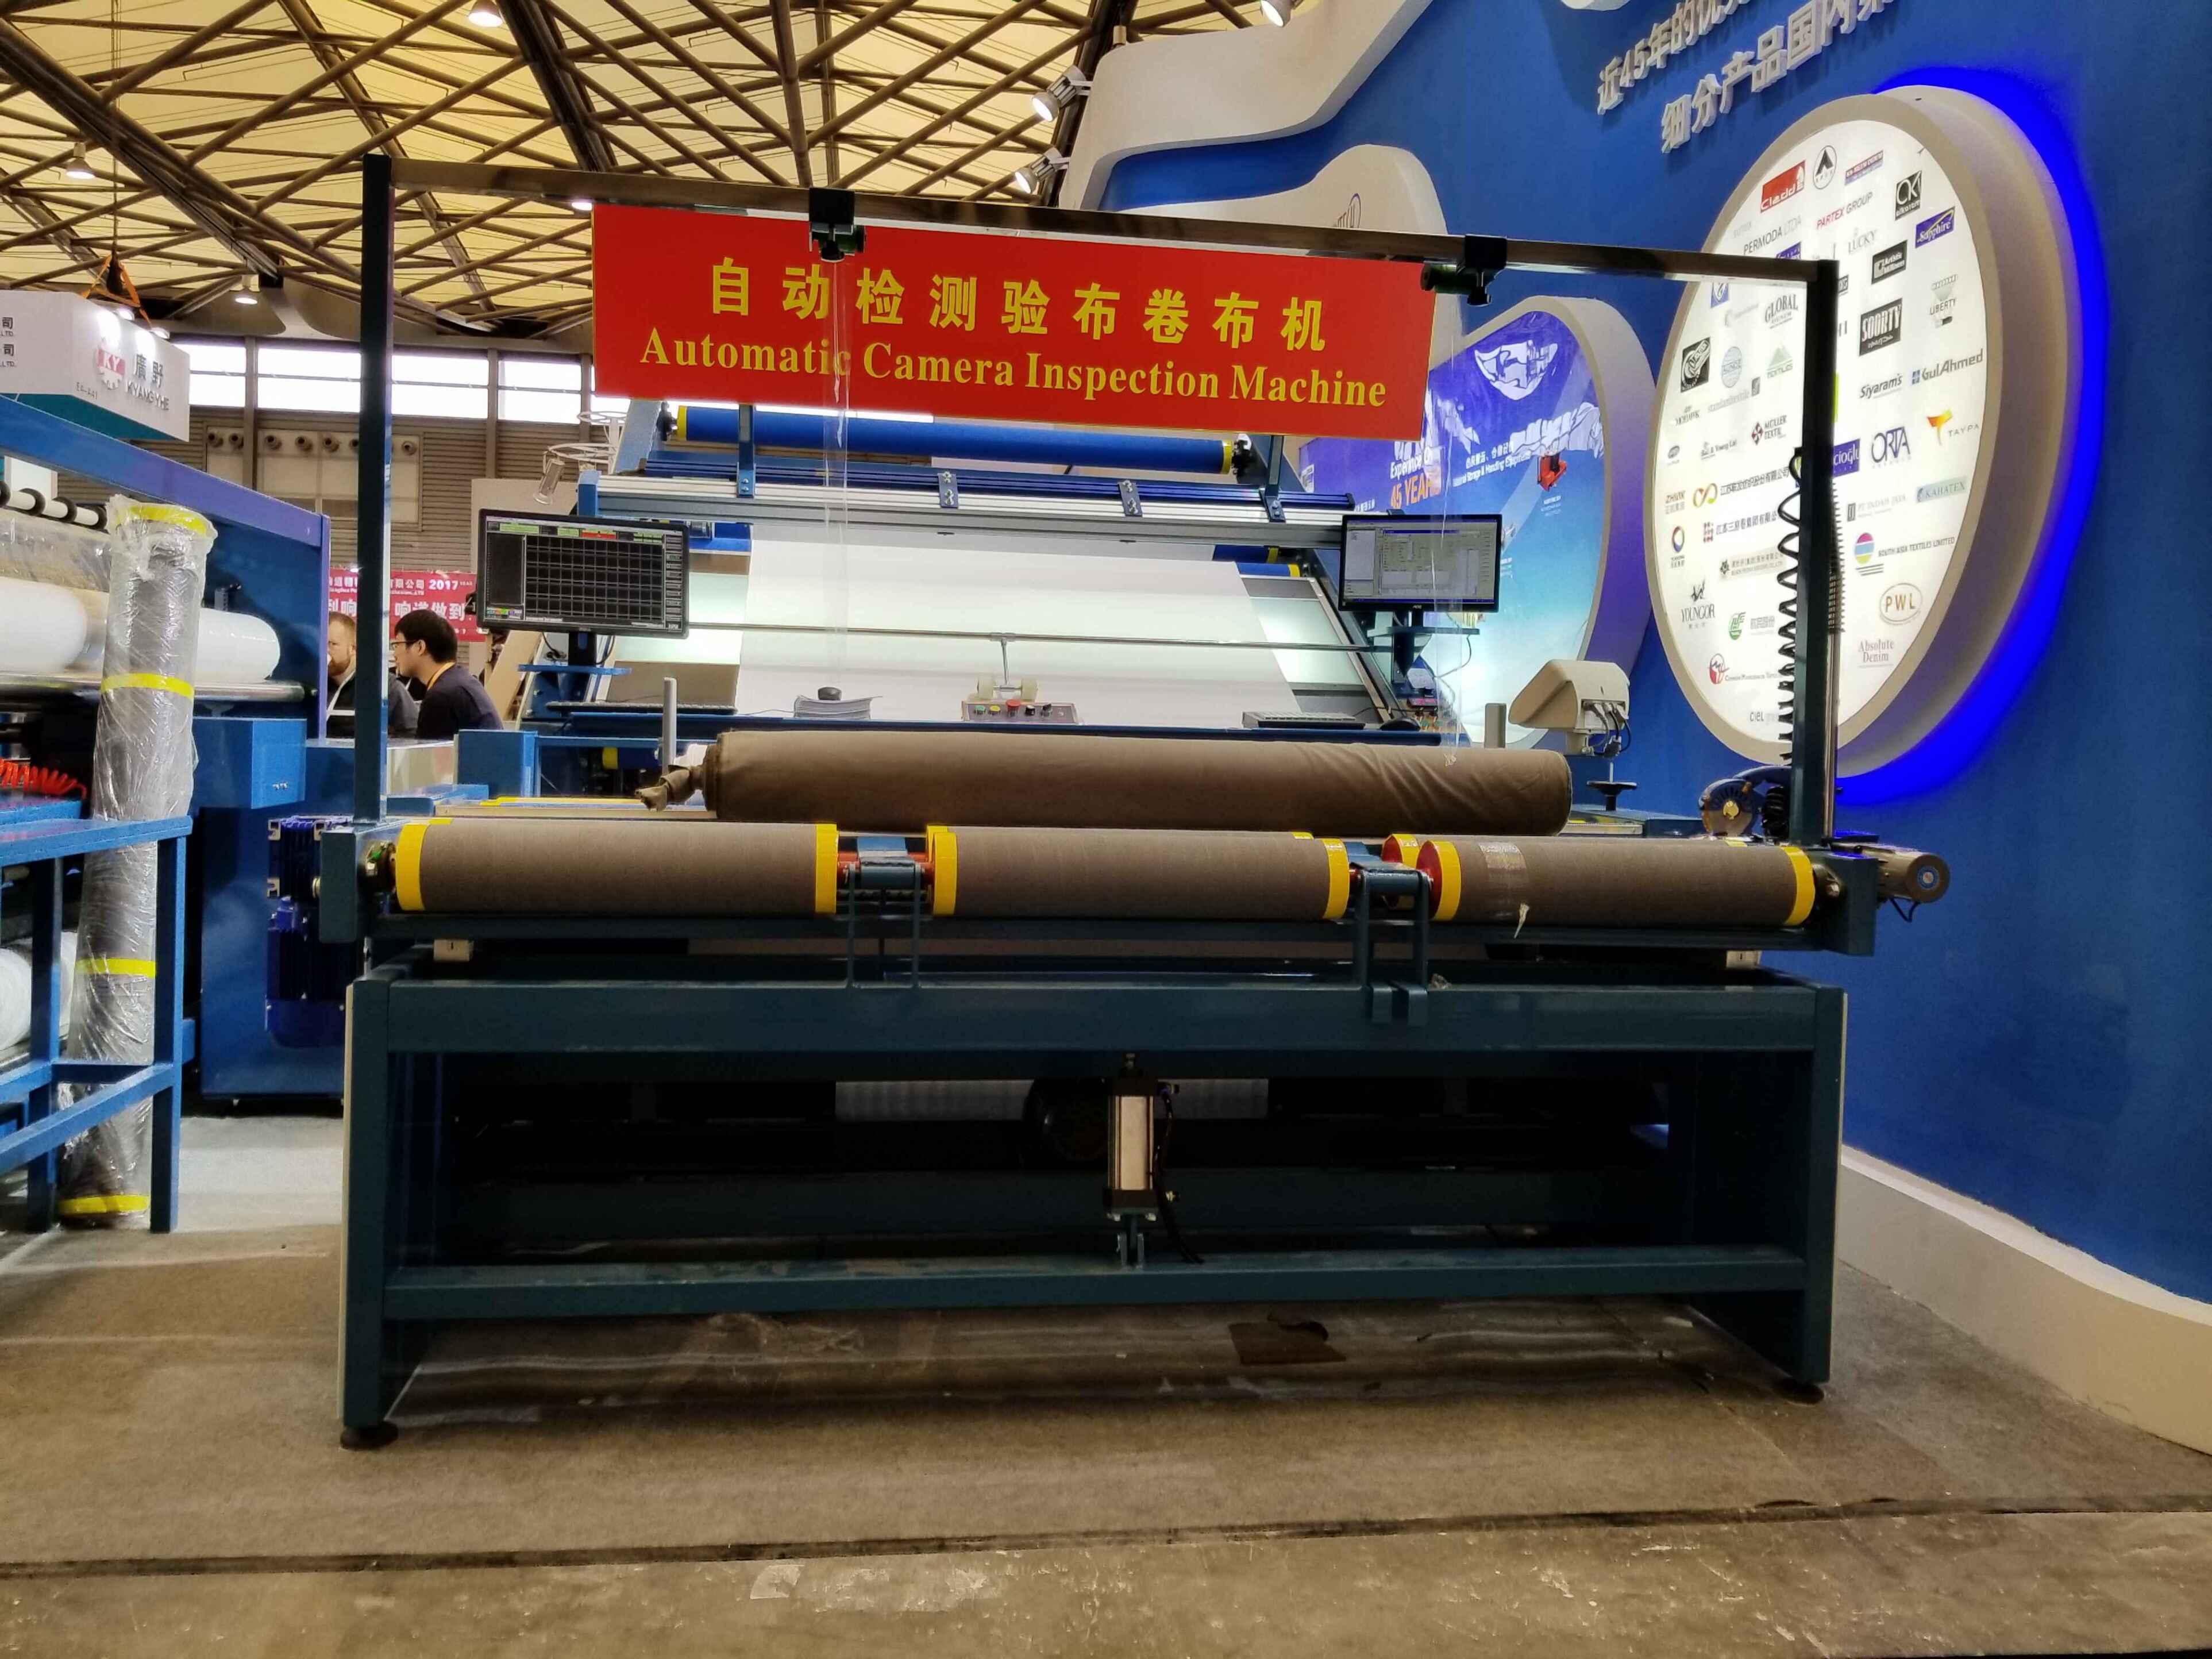 Suntech Fabric Inspection Machine Manufacture Suntech Is